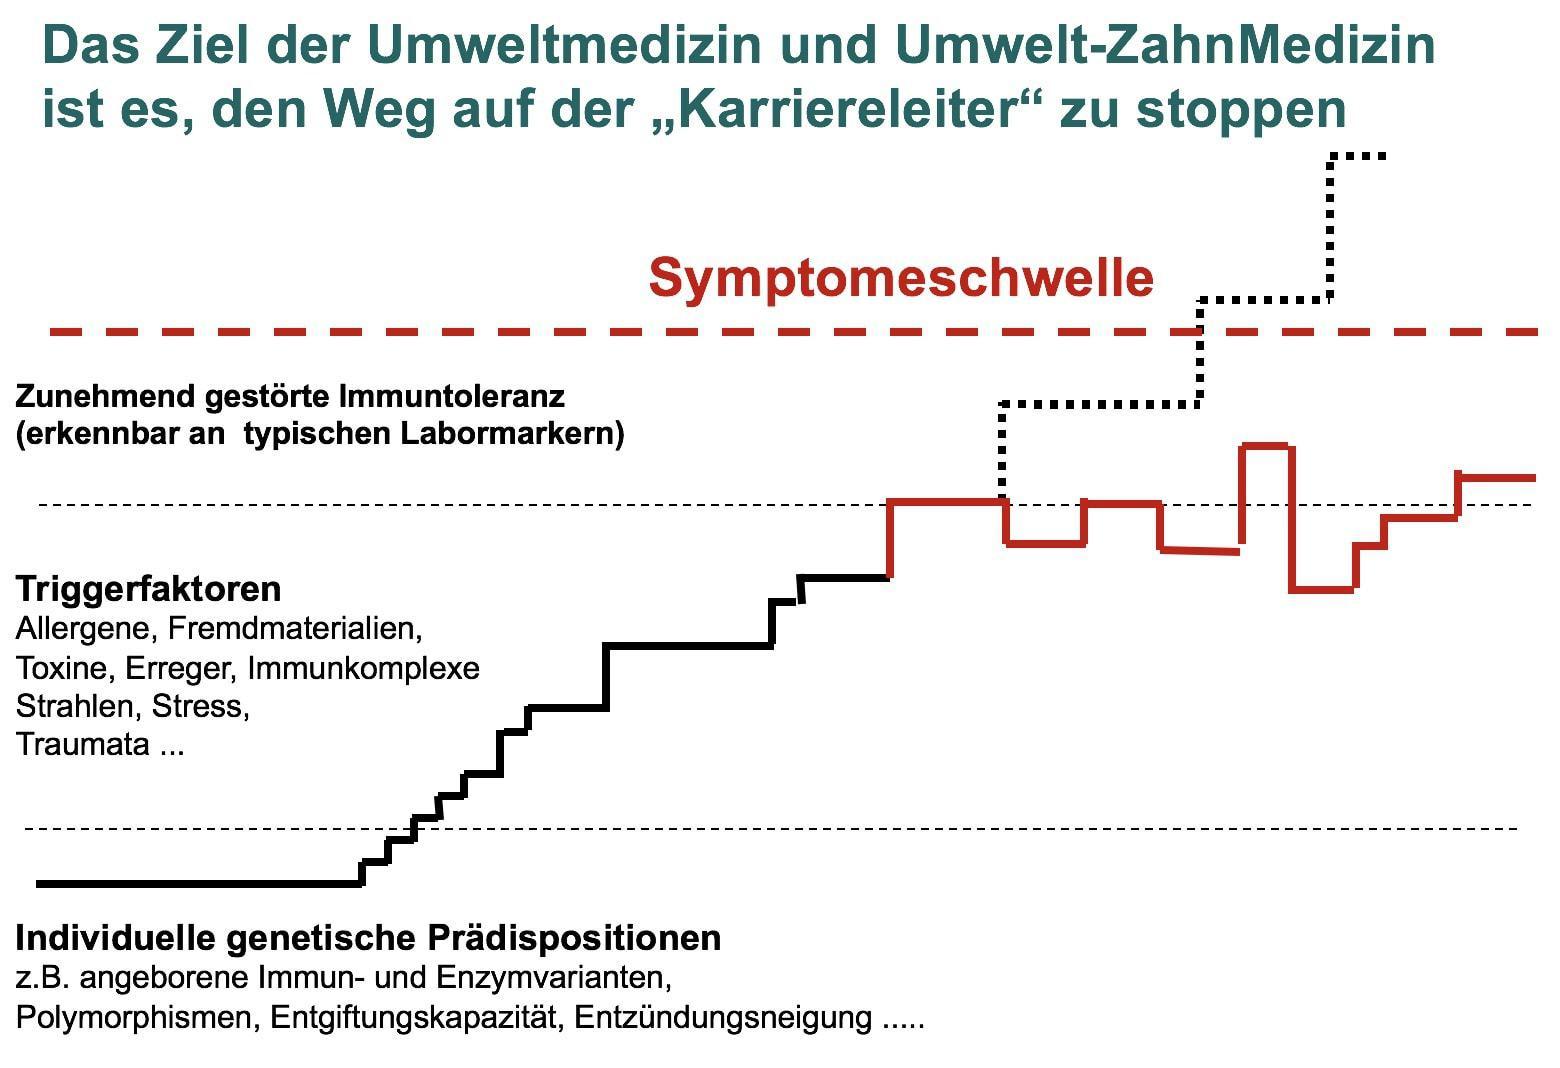 Zahnarzt in St.Gallen Ziel der Umweltzahnmedizin